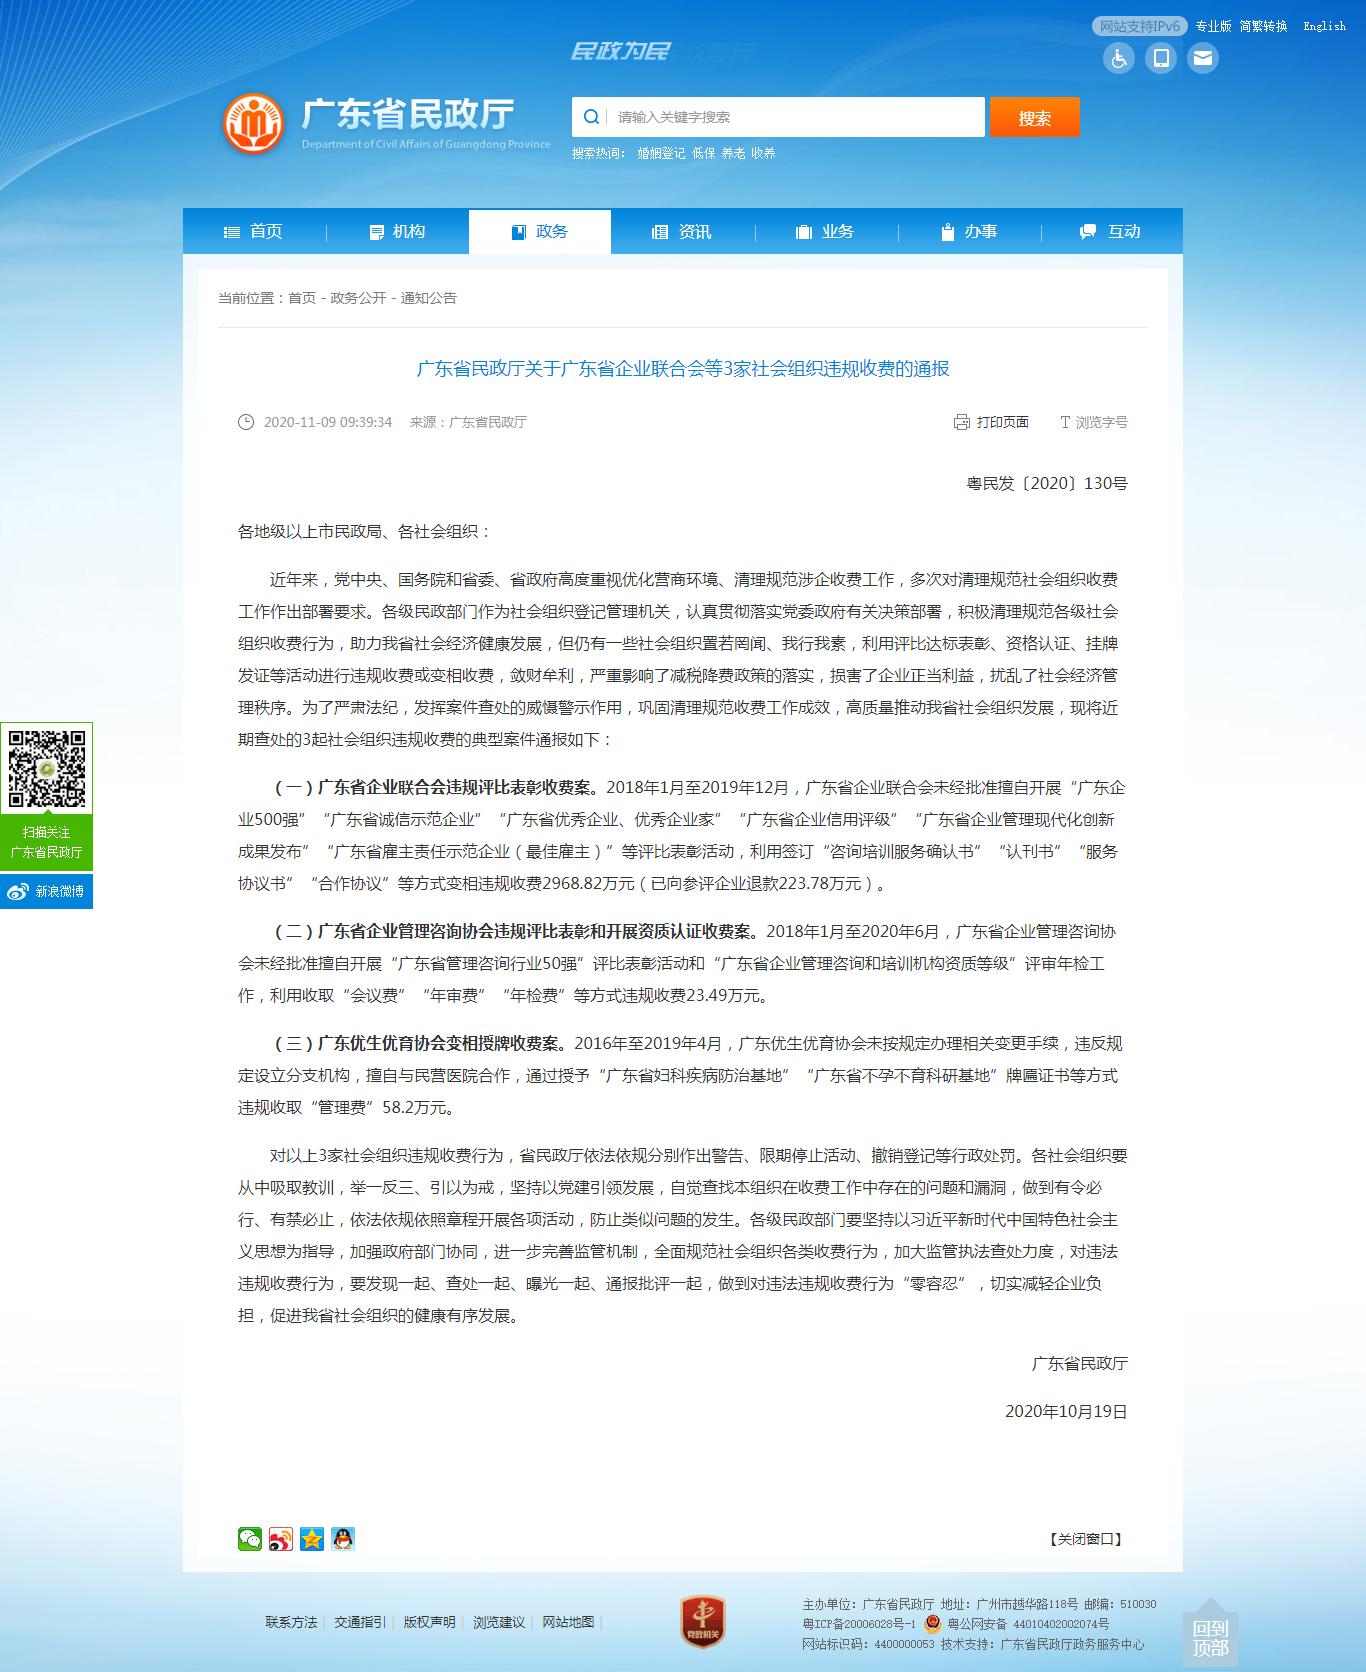 广东优生优育协会变相授牌收费被通报:擅自与民营医院合作图片